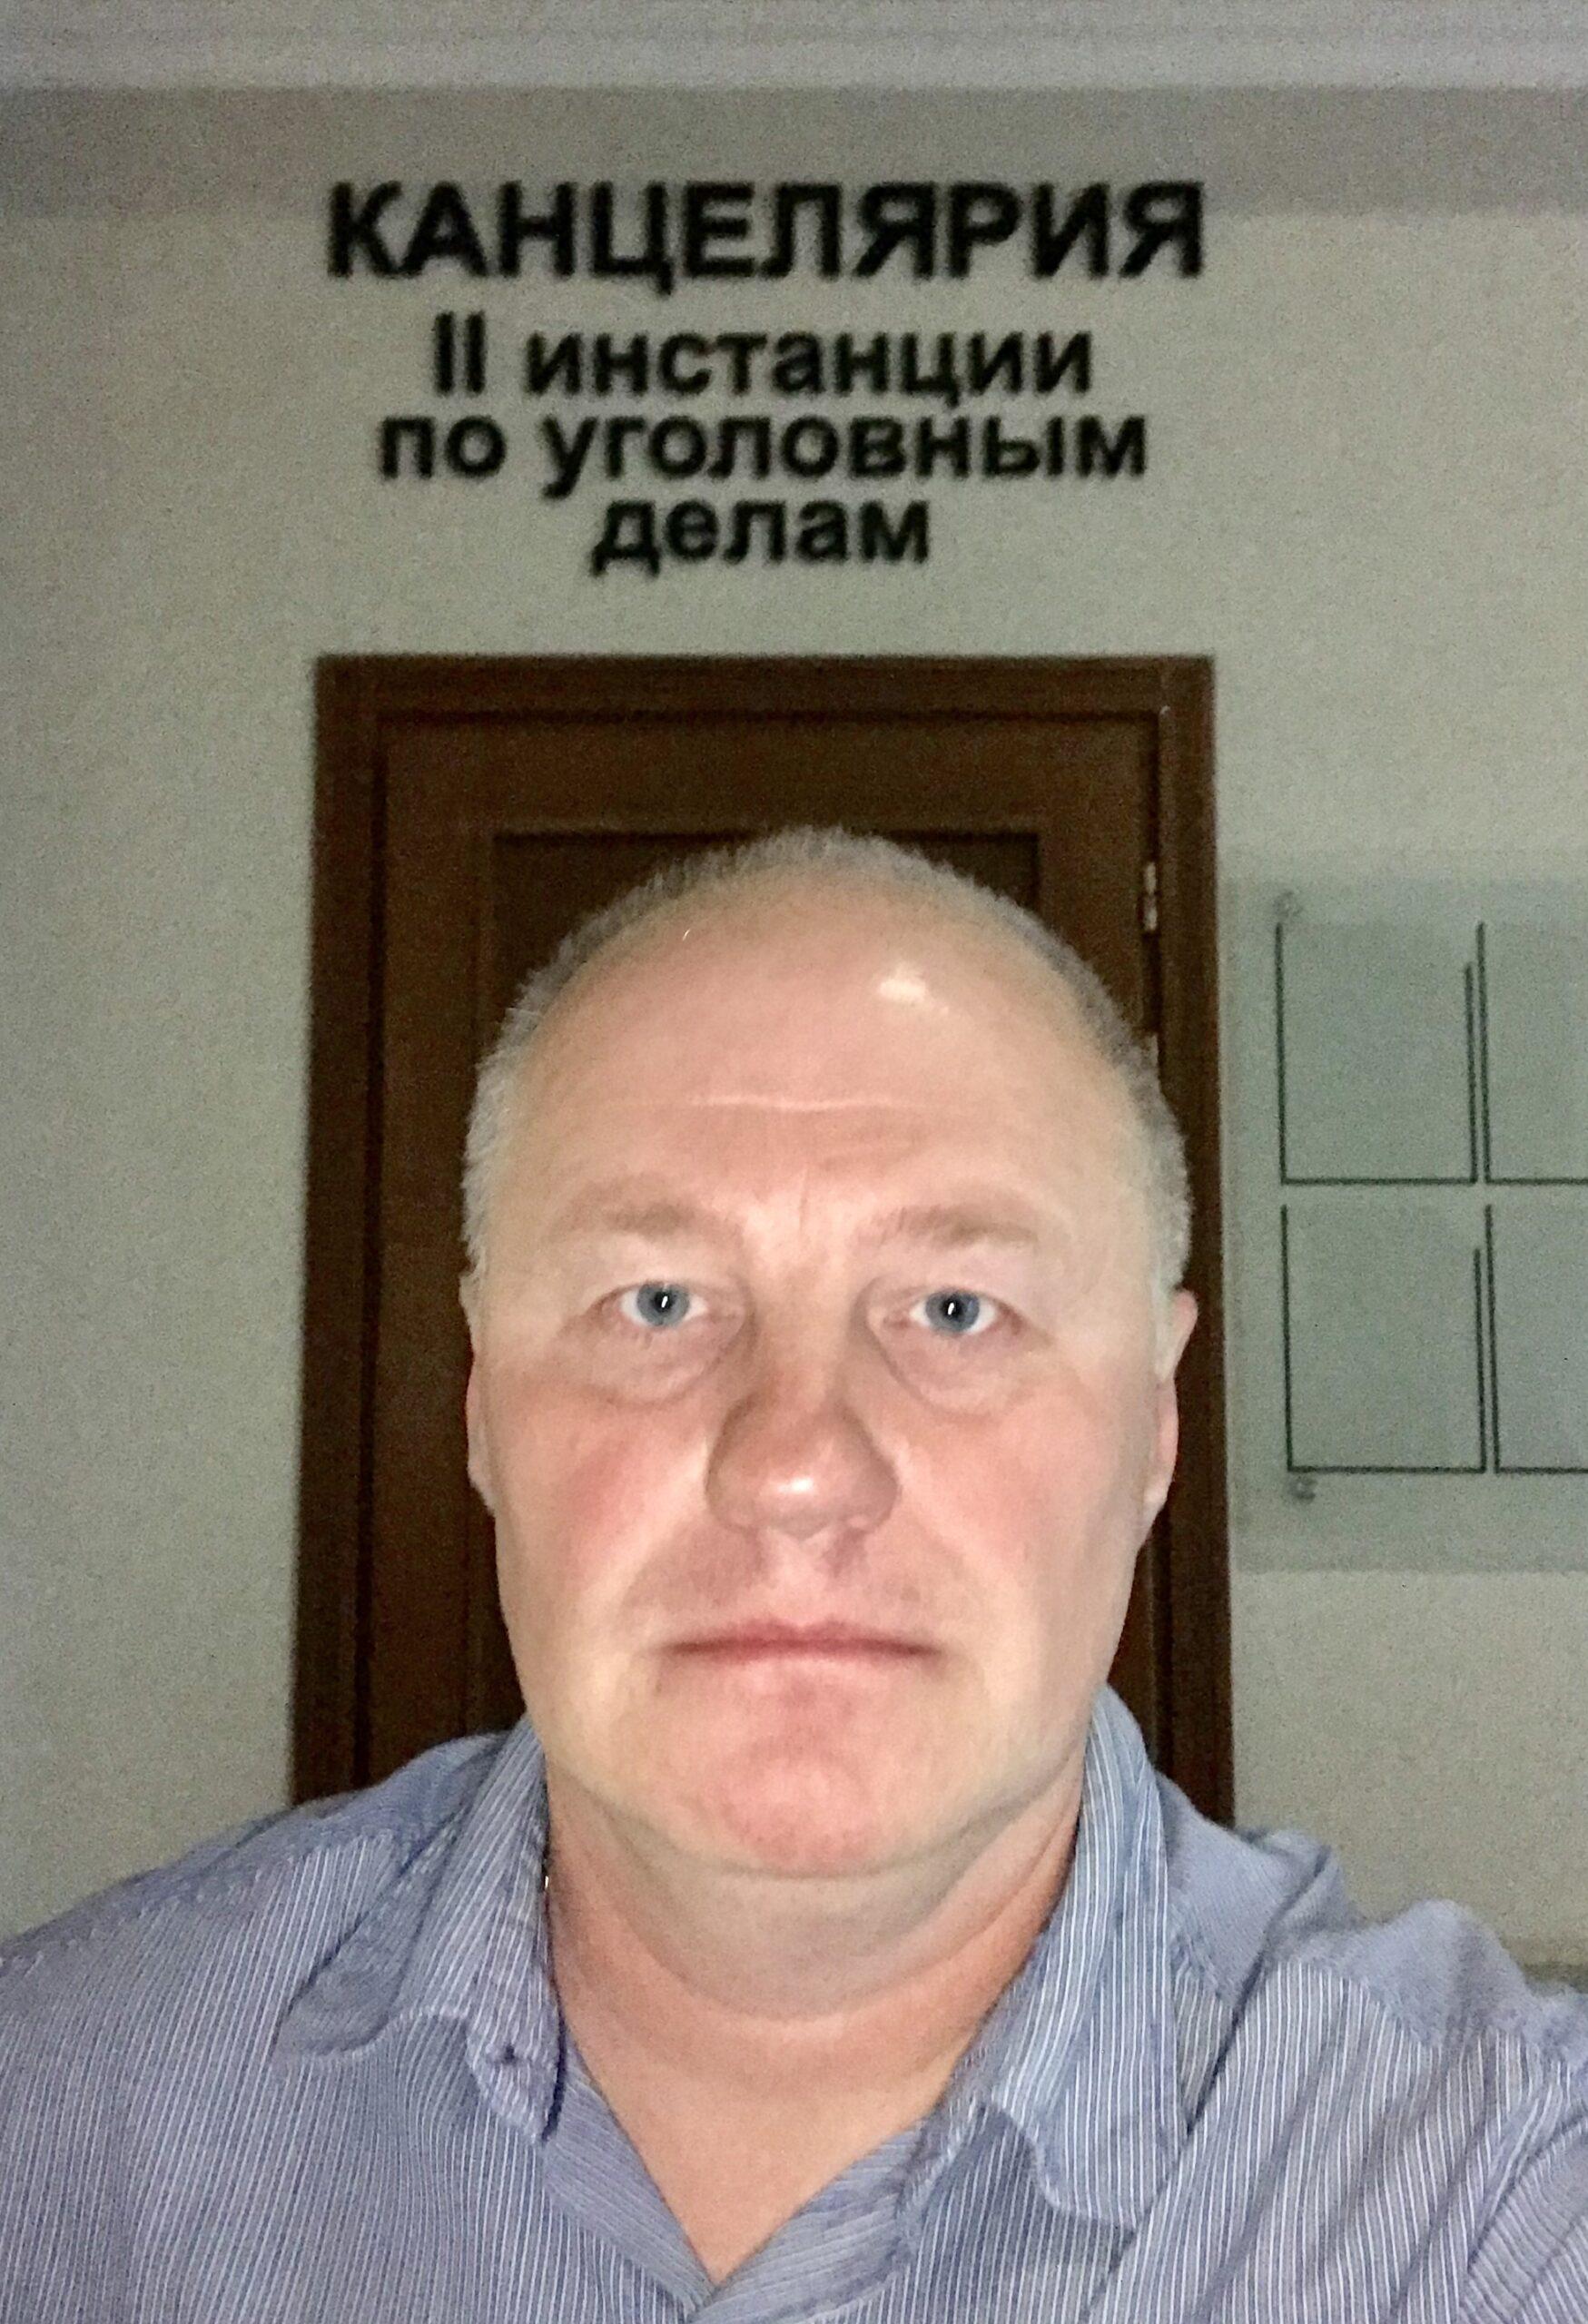 Участвую в судебном разбирательстве Свердловского областного суда по обжаловании ареста сотрудника полиции.